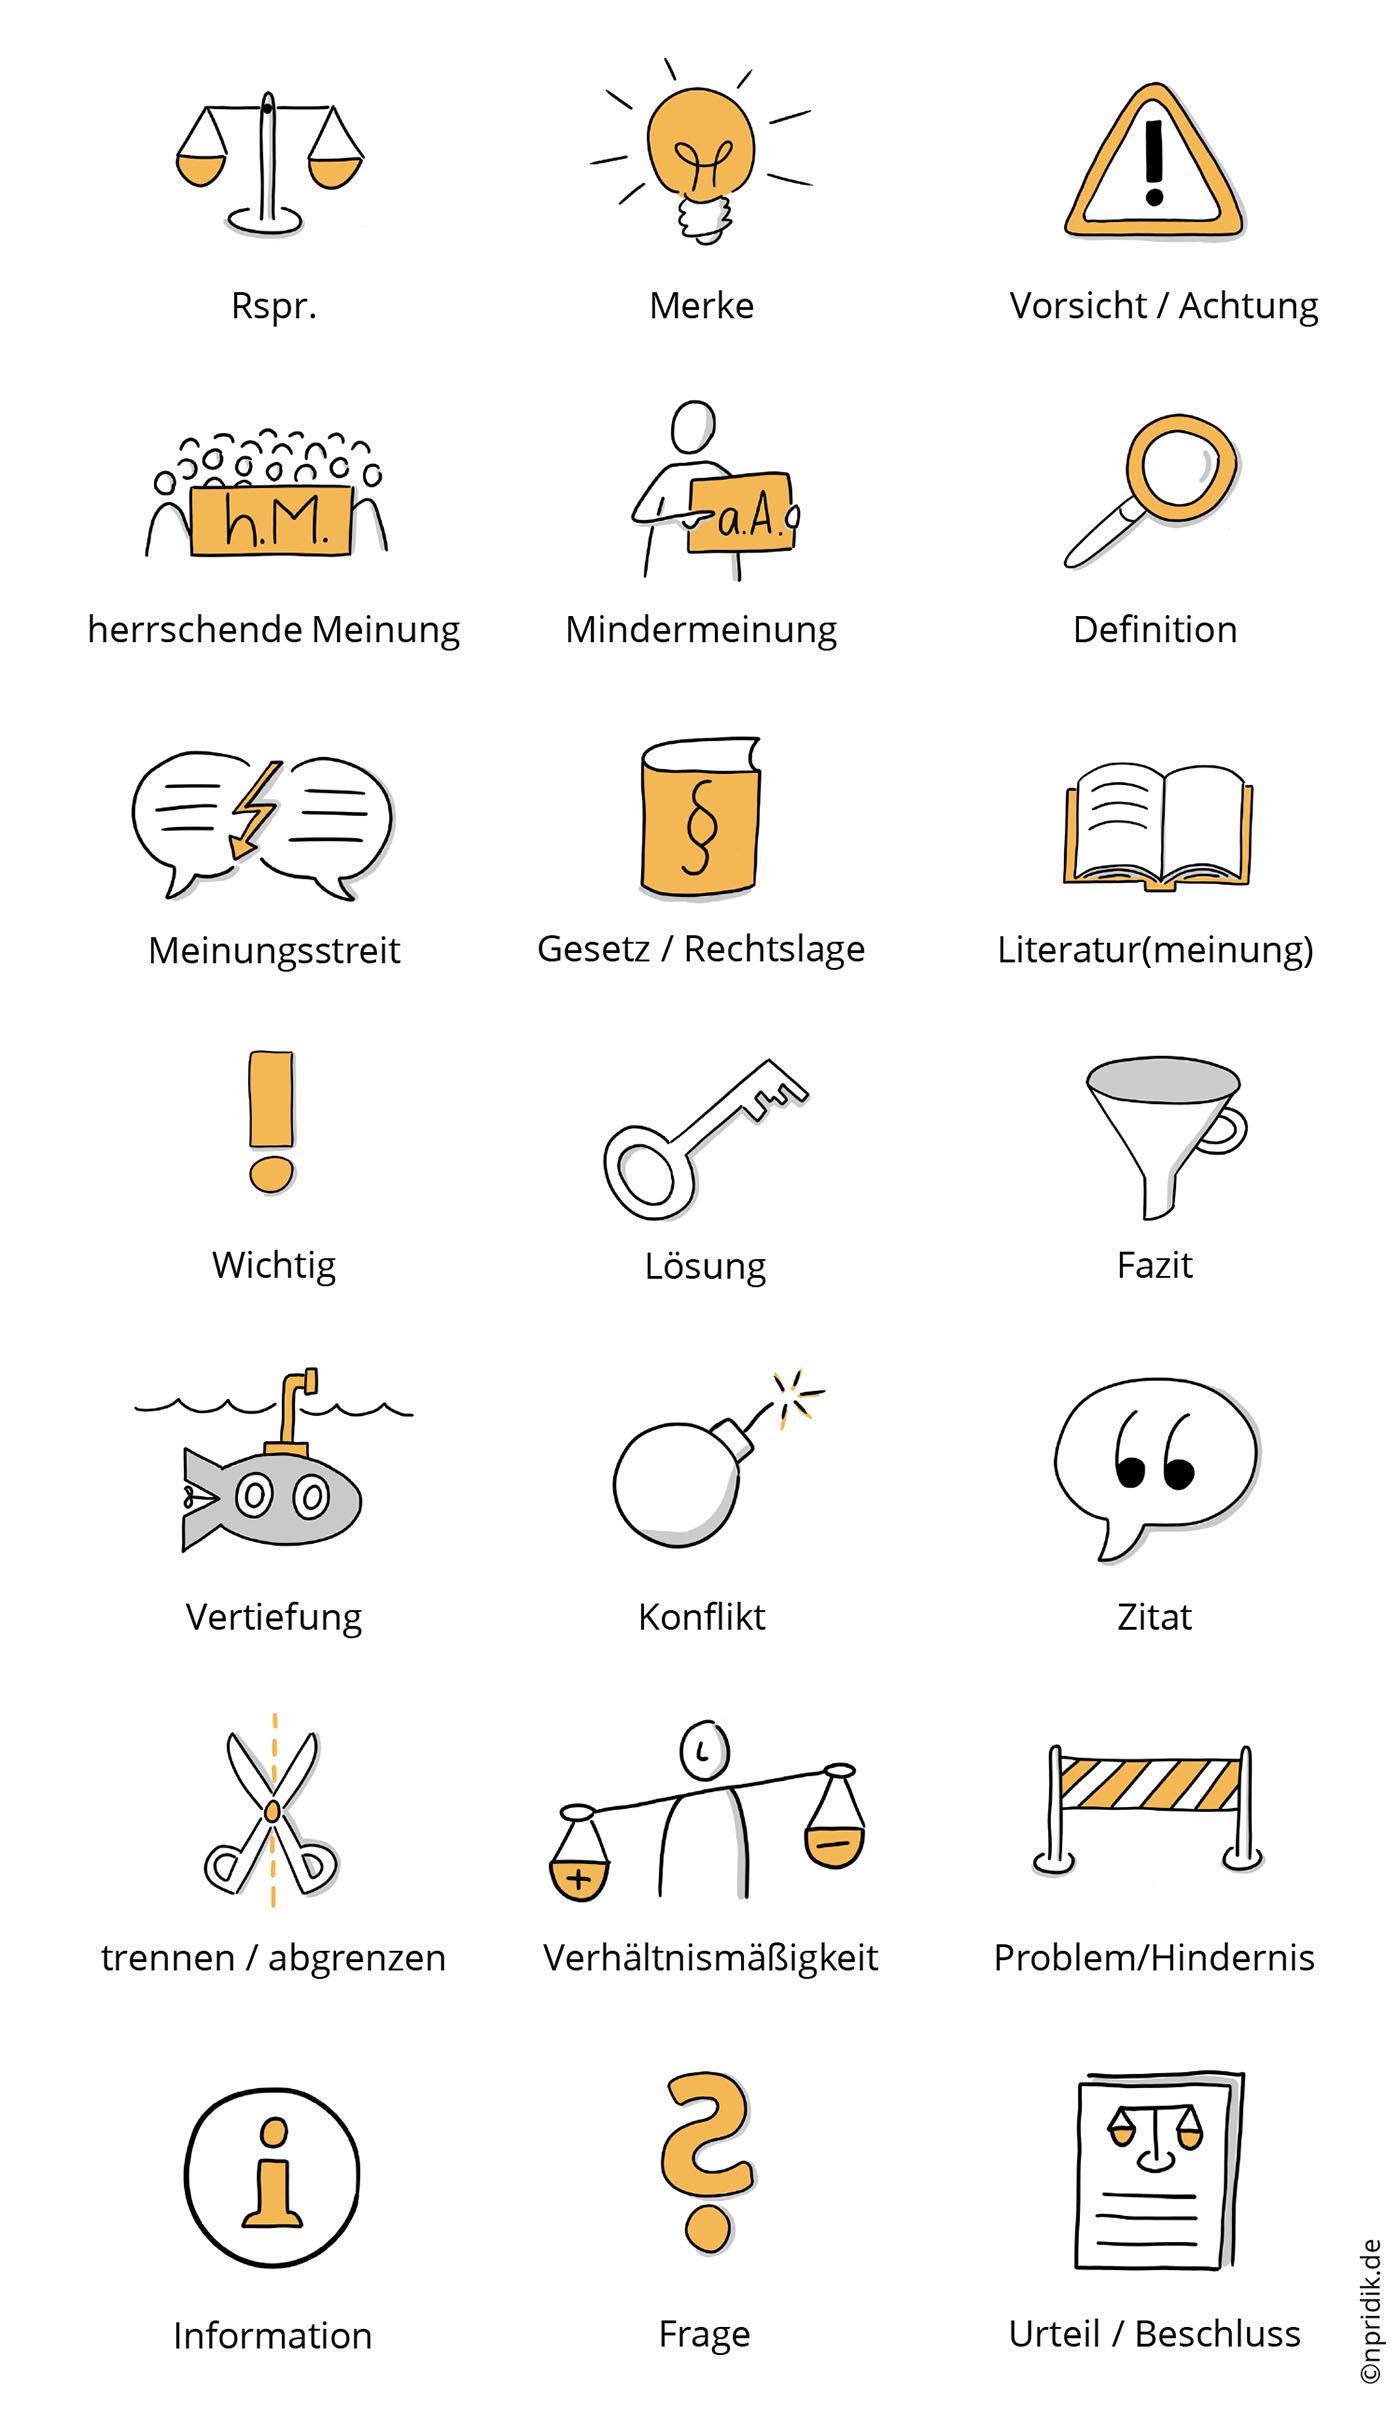 21 handgezeichnete Icons fürs Jurastudium